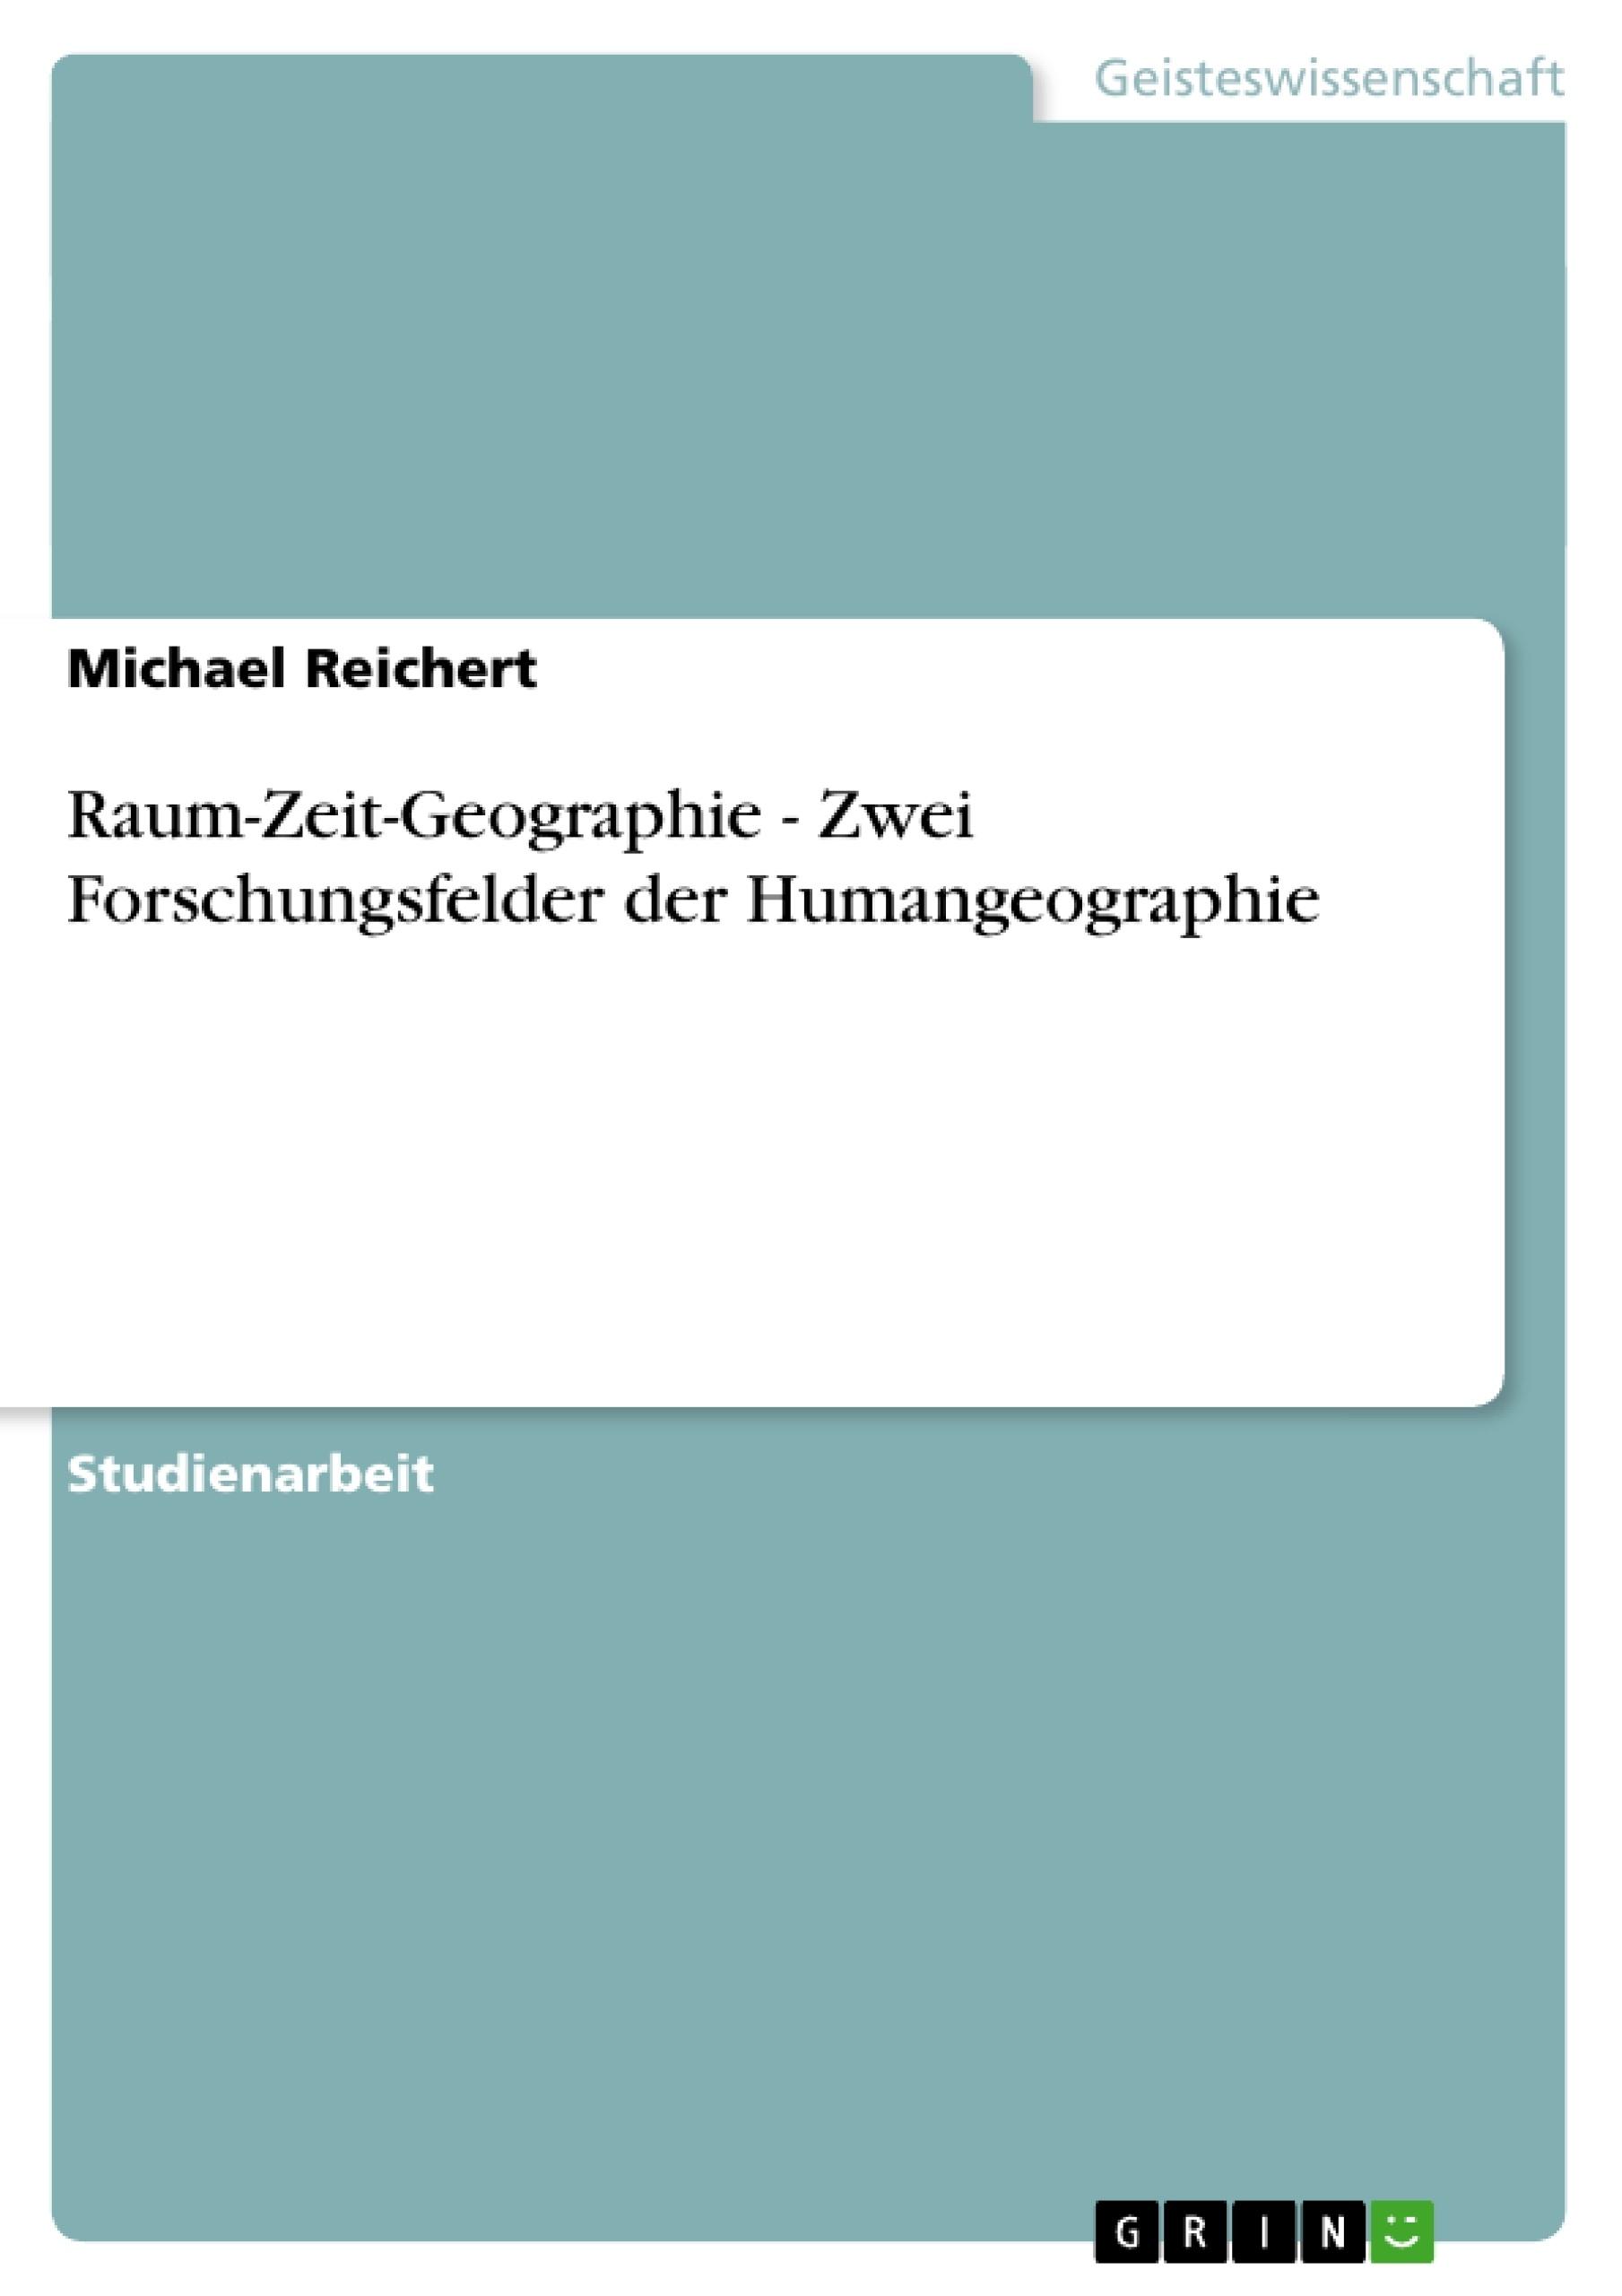 Titel: Raum-Zeit-Geographie - Zwei Forschungsfelder der Humangeographie